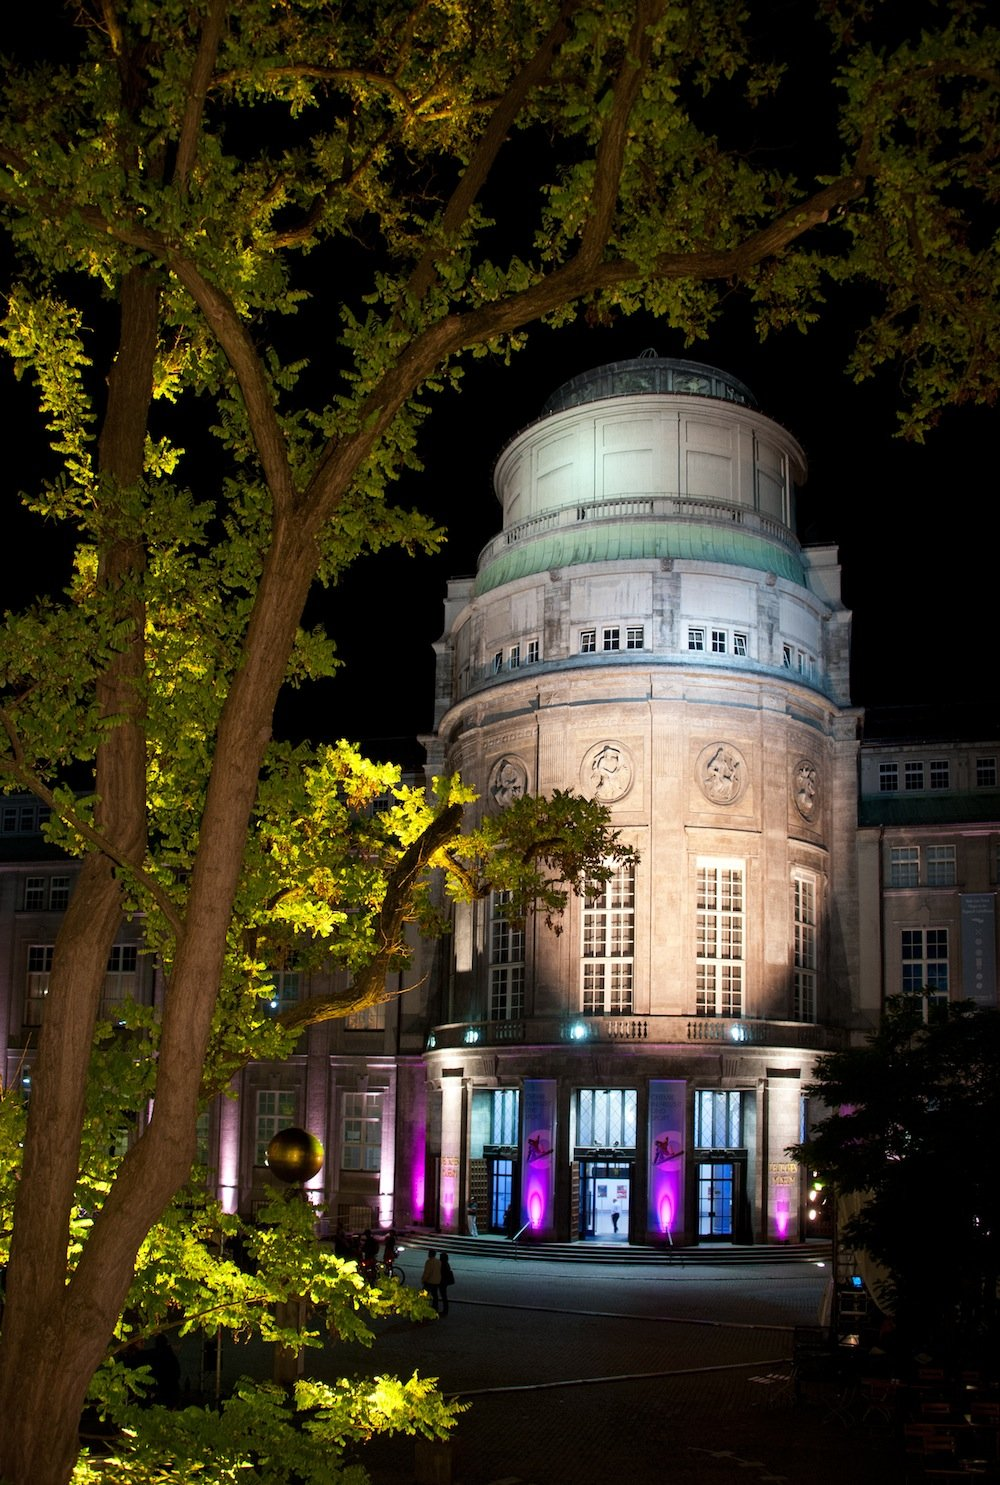 So beschaulich schön wie der beleuchtete Haupteingang bei Nacht anmutet, ist es um das Deutsche Museum in München nicht bestellt. Eine Grundsanierung ist fällig. Und kann mangels Geld nur mit Einschränkungen vorgenommen werden.